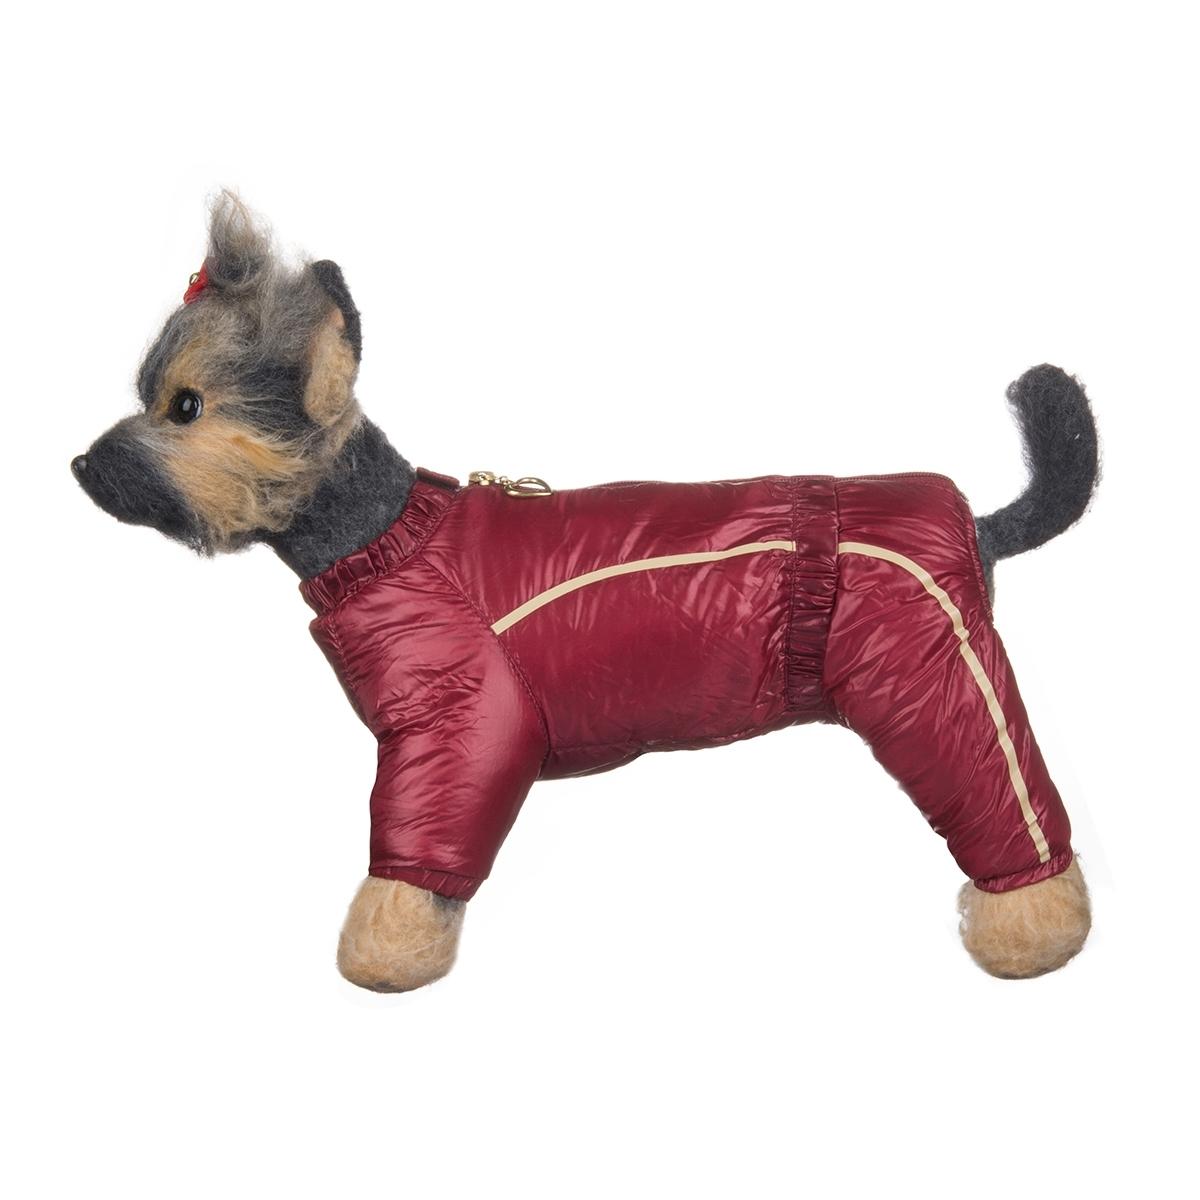 Комбинезон для собак Dogmoda Альпы, зимний, для девочки, цвет: бордовый, серый. Размер 3 (L)0120710Зимний комбинезон для собак Dogmoda Альпы отлично подойдет для прогулок в зимнее время года.Комбинезон изготовлен из полиэстера, защищающего от ветра и снега, с утеплителем из синтепона, который сохранит тепло даже в сильные морозы, а на подкладке используется искусственный мех, который обеспечивает отличный воздухообмен. Комбинезон застегивается на молнию и липучку, благодаря чему его легко надевать и снимать. Ворот, низ рукавов и брючин оснащены внутренними резинками, которые мягко обхватывают шею и лапки, не позволяя просачиваться холодному воздуху. На пояснице имеется внутренняя резинка. Изделие декорировано бежевыми полосками и надписью DM.Благодаря такому комбинезону простуда не грозит вашему питомцу и он сможет испытать не сравнимое удовольствие от снежных игр и забав.